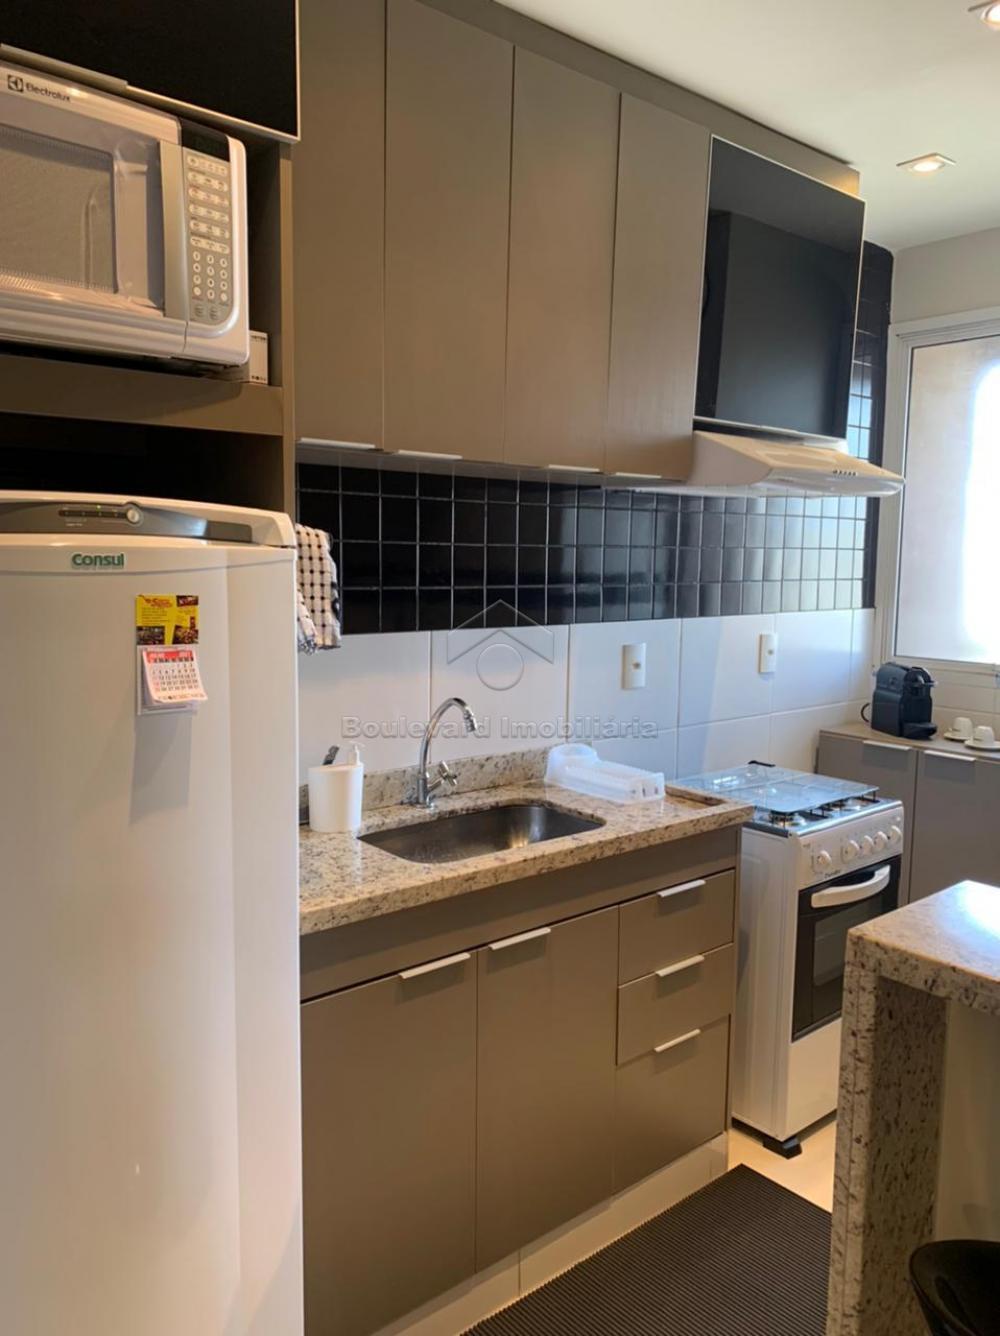 Alugar Apartamento / Padrão em Ribeirão Preto R$ 1.800,00 - Foto 12